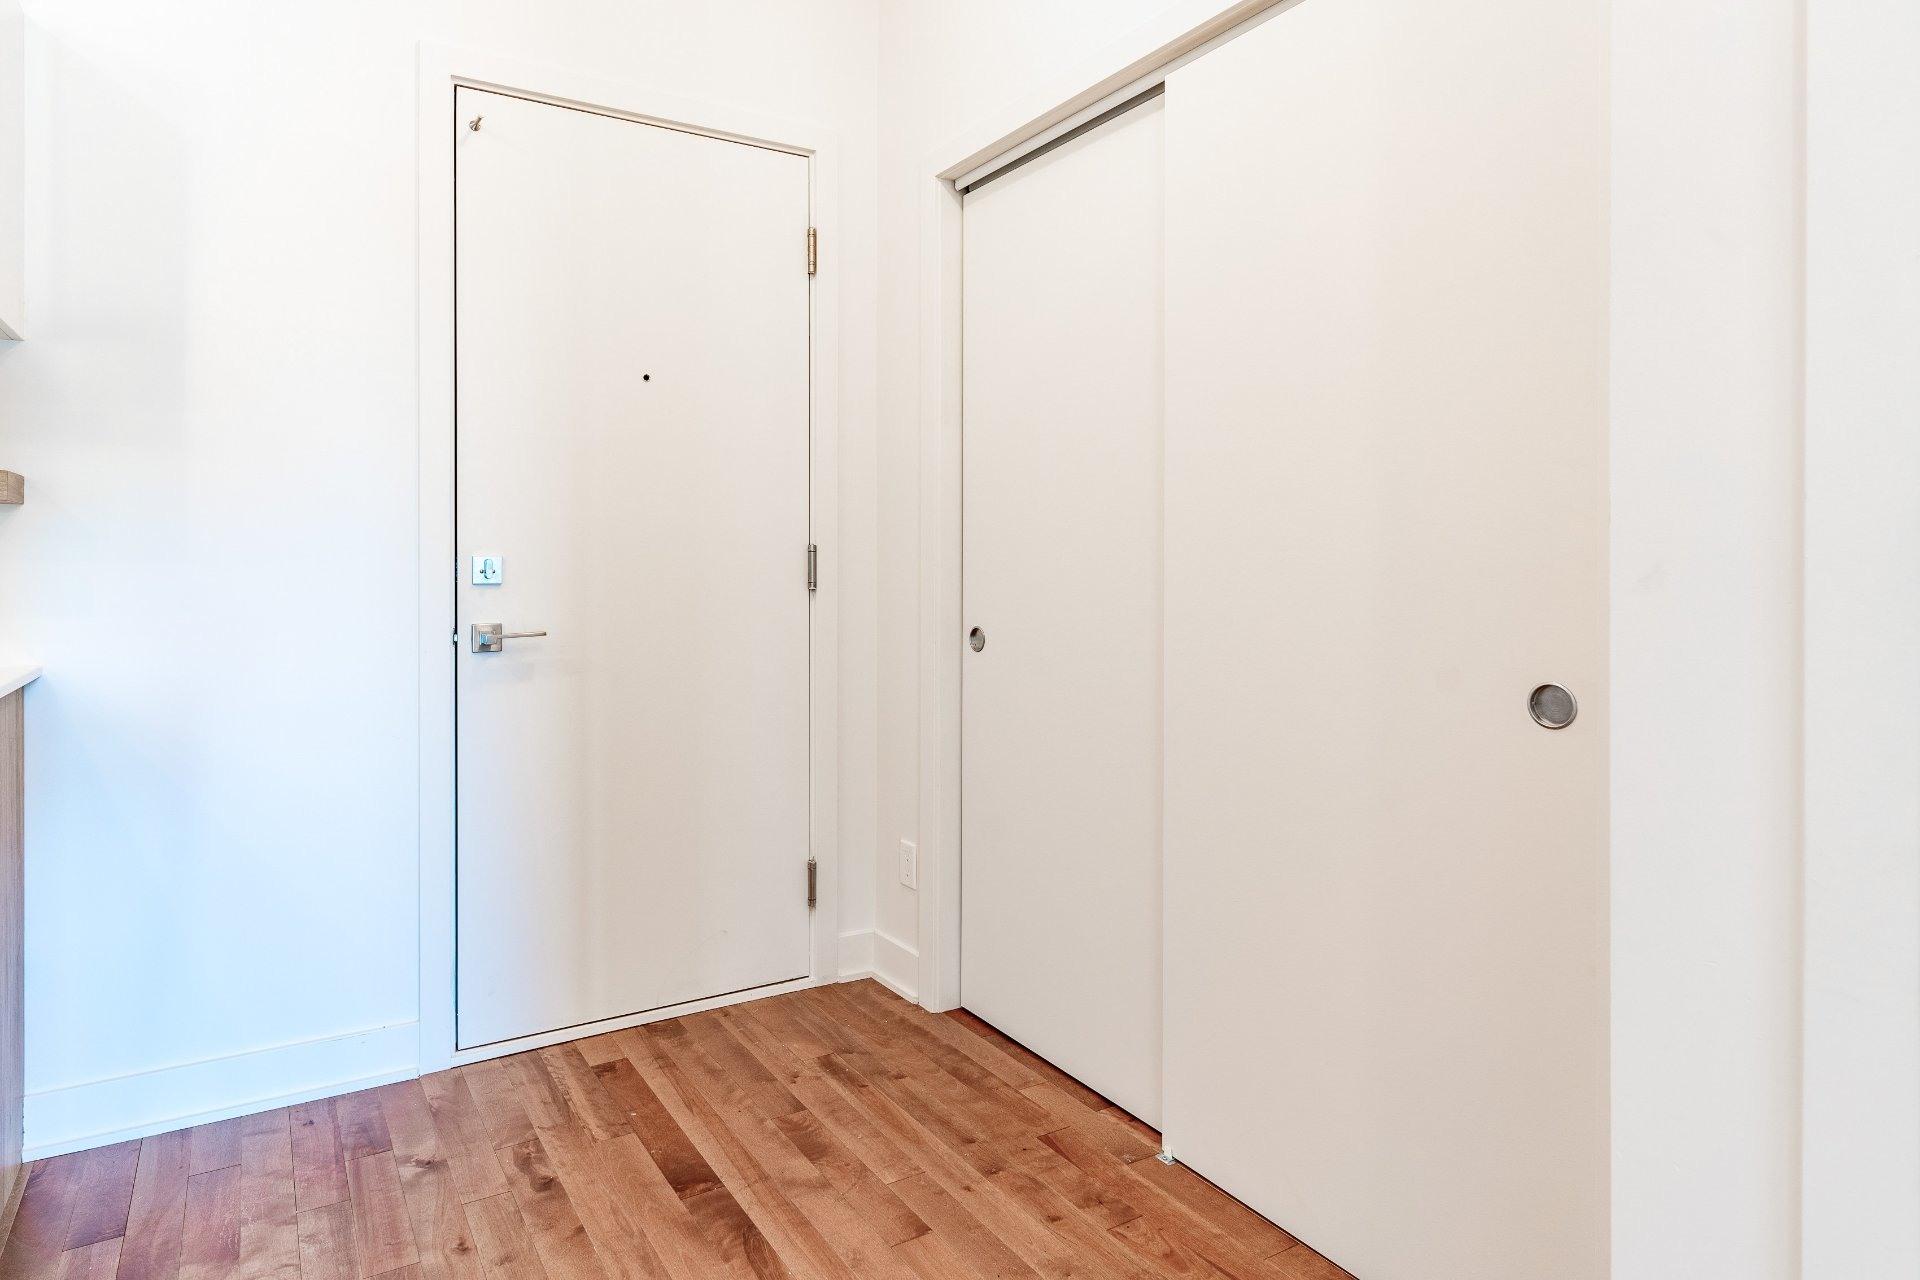 image 8 - Appartement À louer Rosemont/La Petite-Patrie Montréal  - 7 pièces